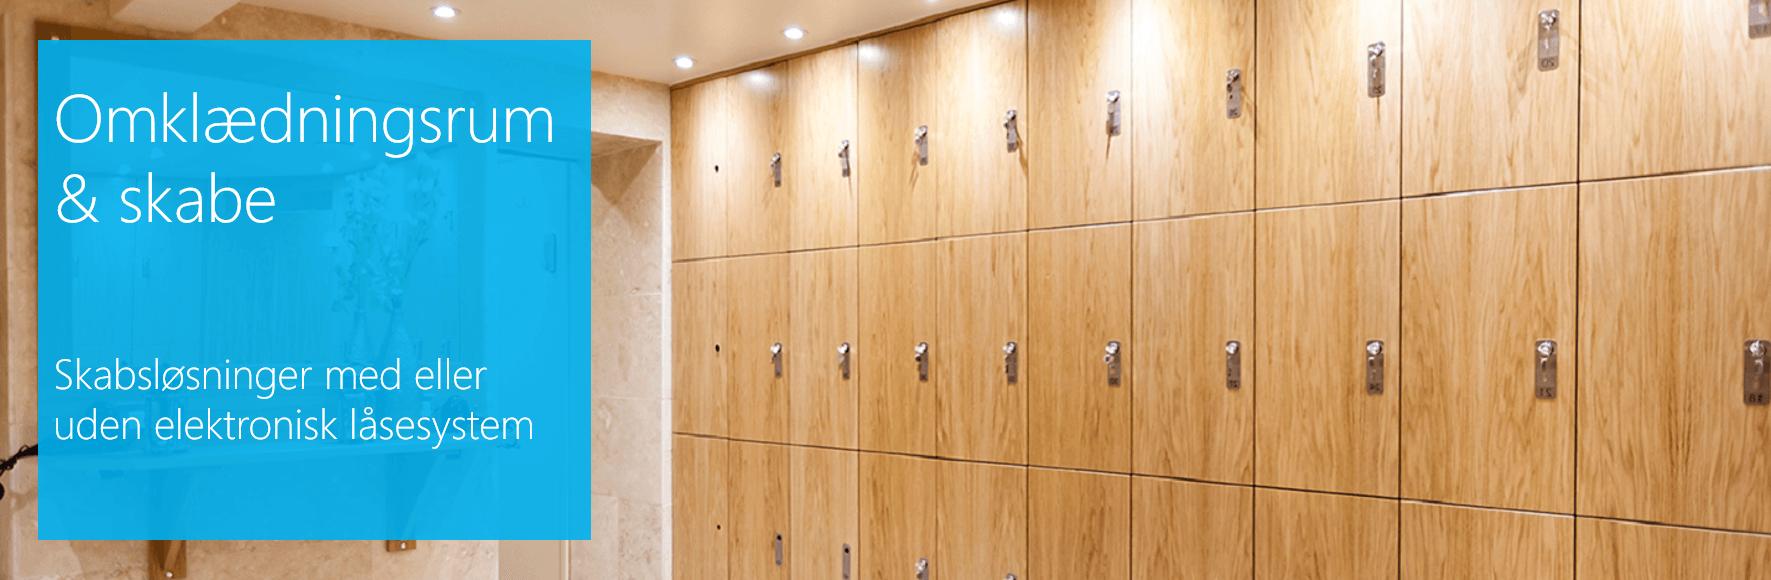 Omklædningsrum og skabe. Entresystem og billetsystem med adgangskontrol og indgangskontrol til svømmehaller og idrætshaller.